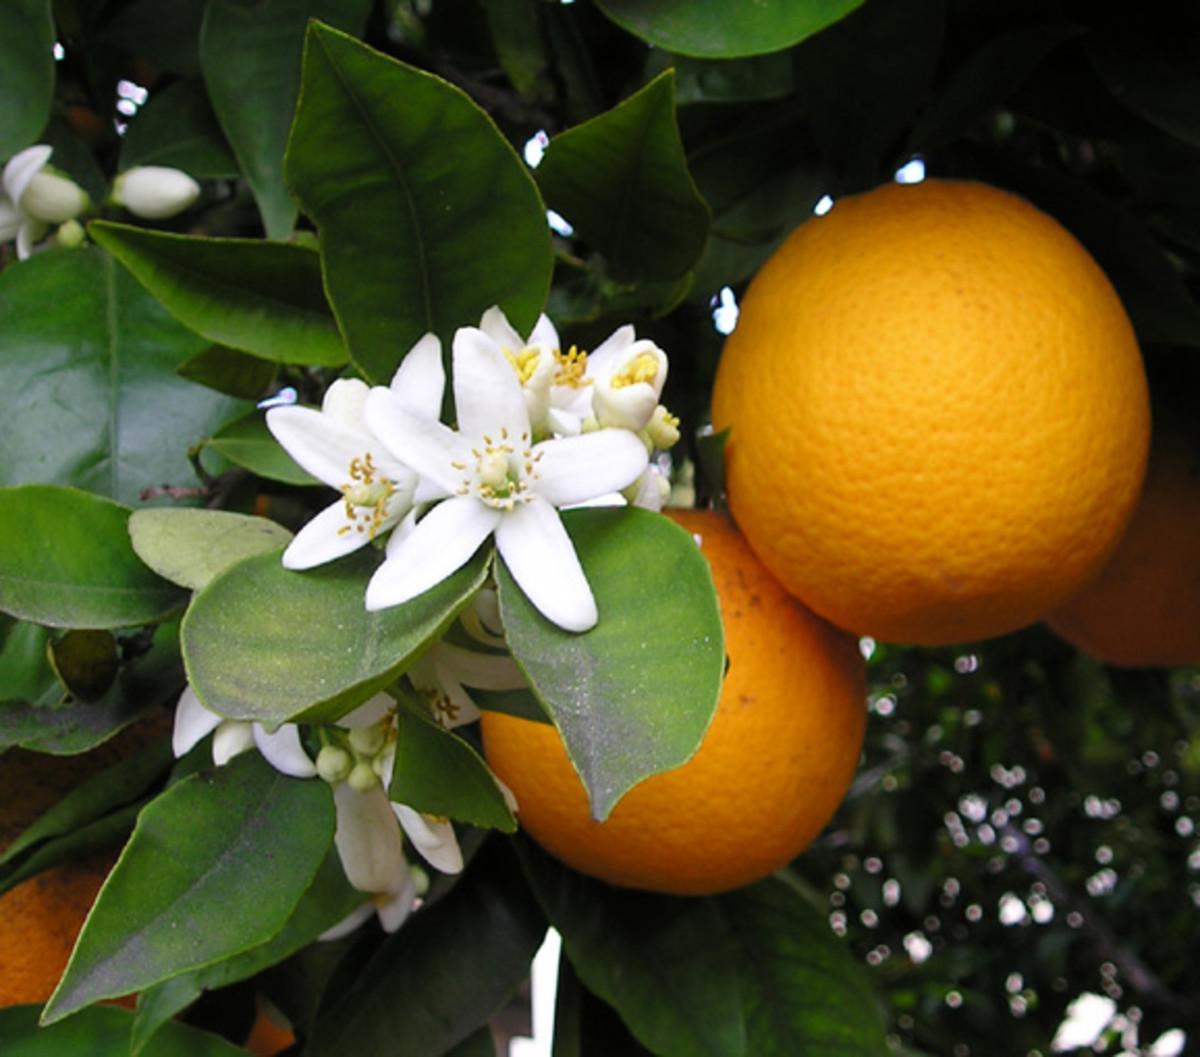 Types of Citrus